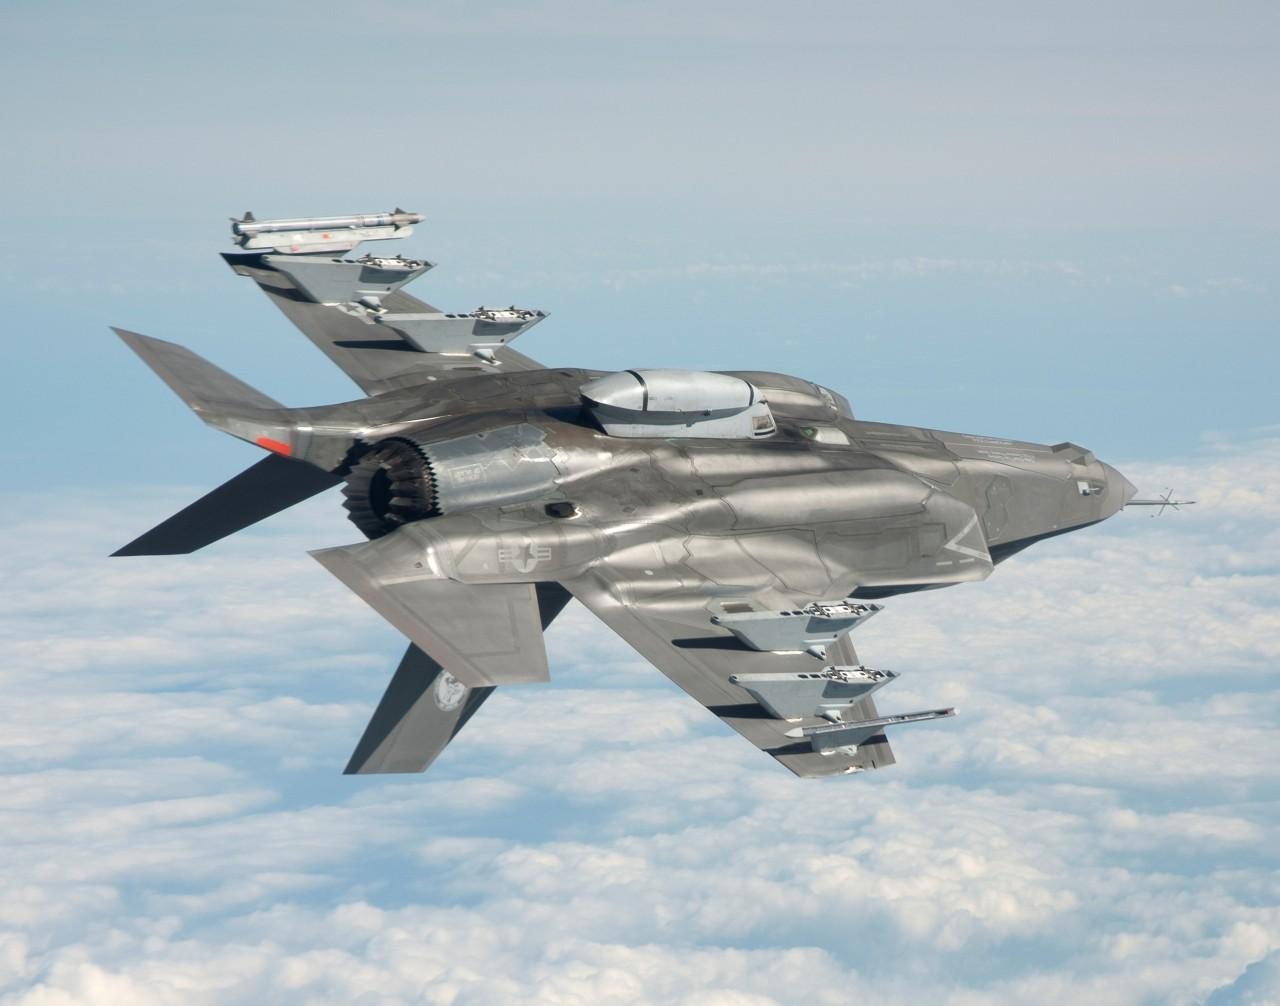 Μαχητικό F-35 – και νέες απίστευτες ιστορίες προβλημάτων…